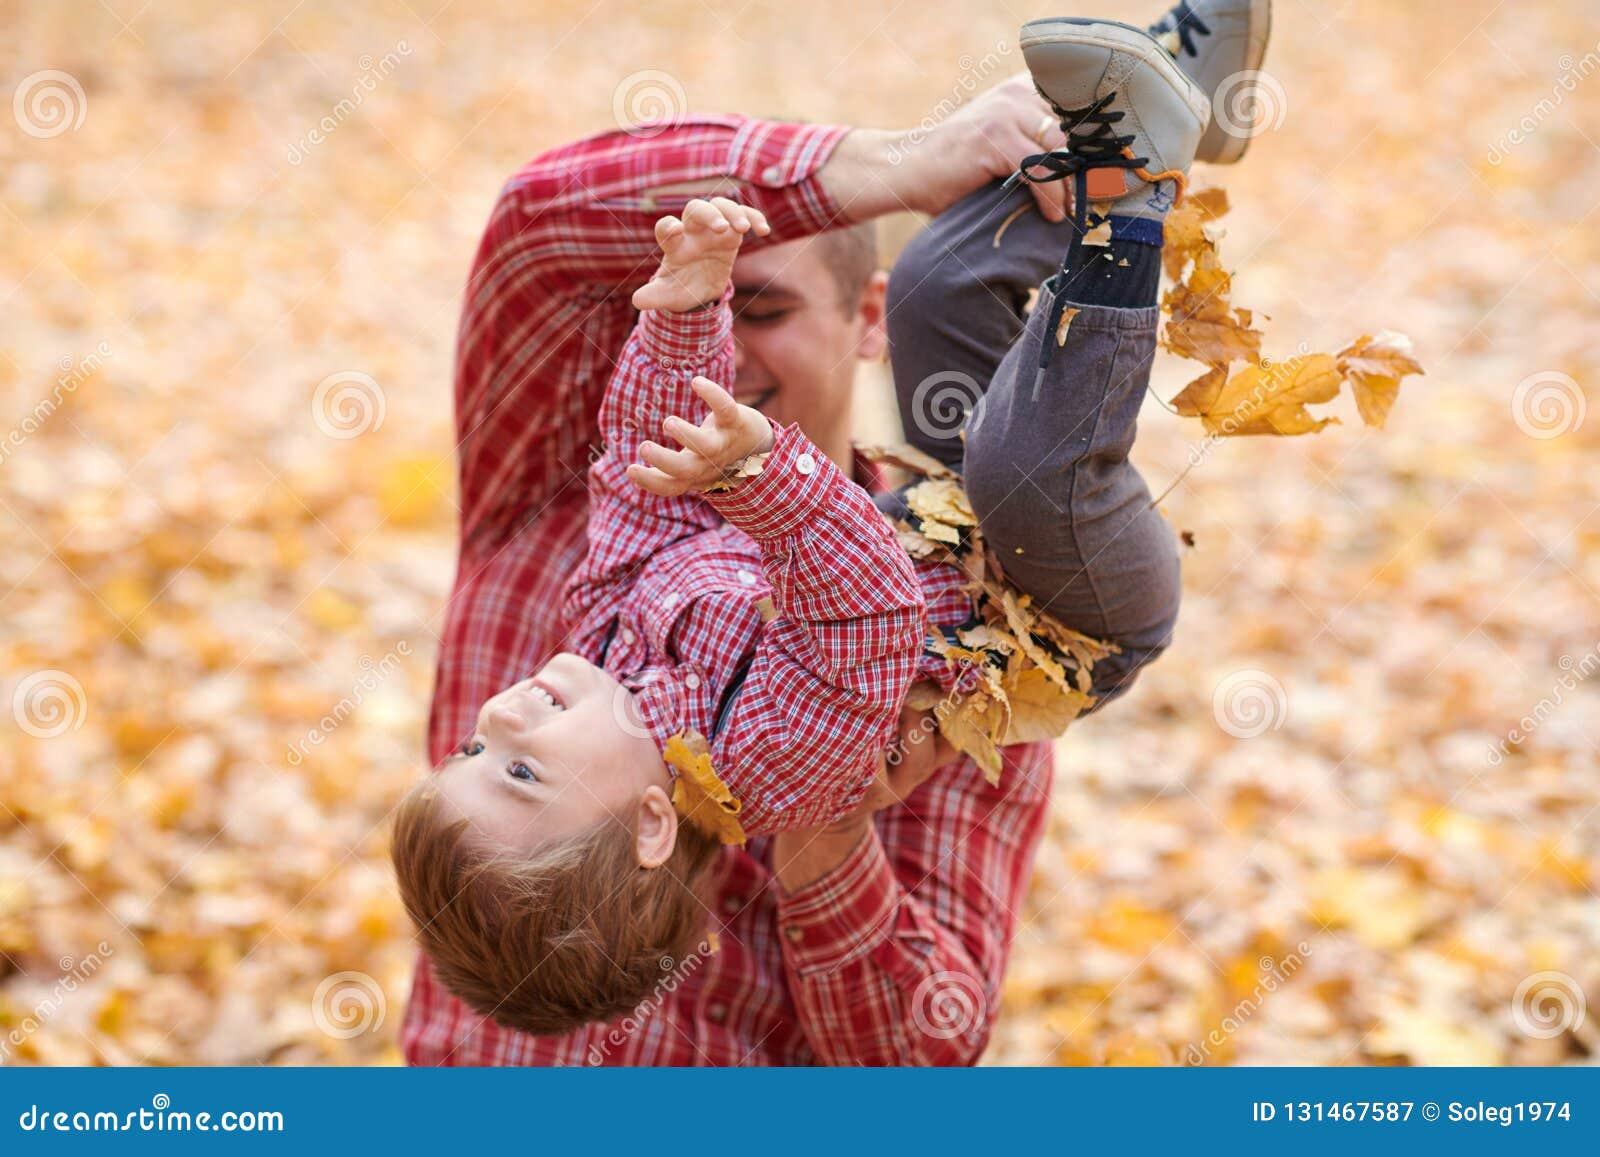 Fadern och sonen spelar, och ha gyckel i höststad parkera Dem som poserar, le som spelar Ljusa gula träd